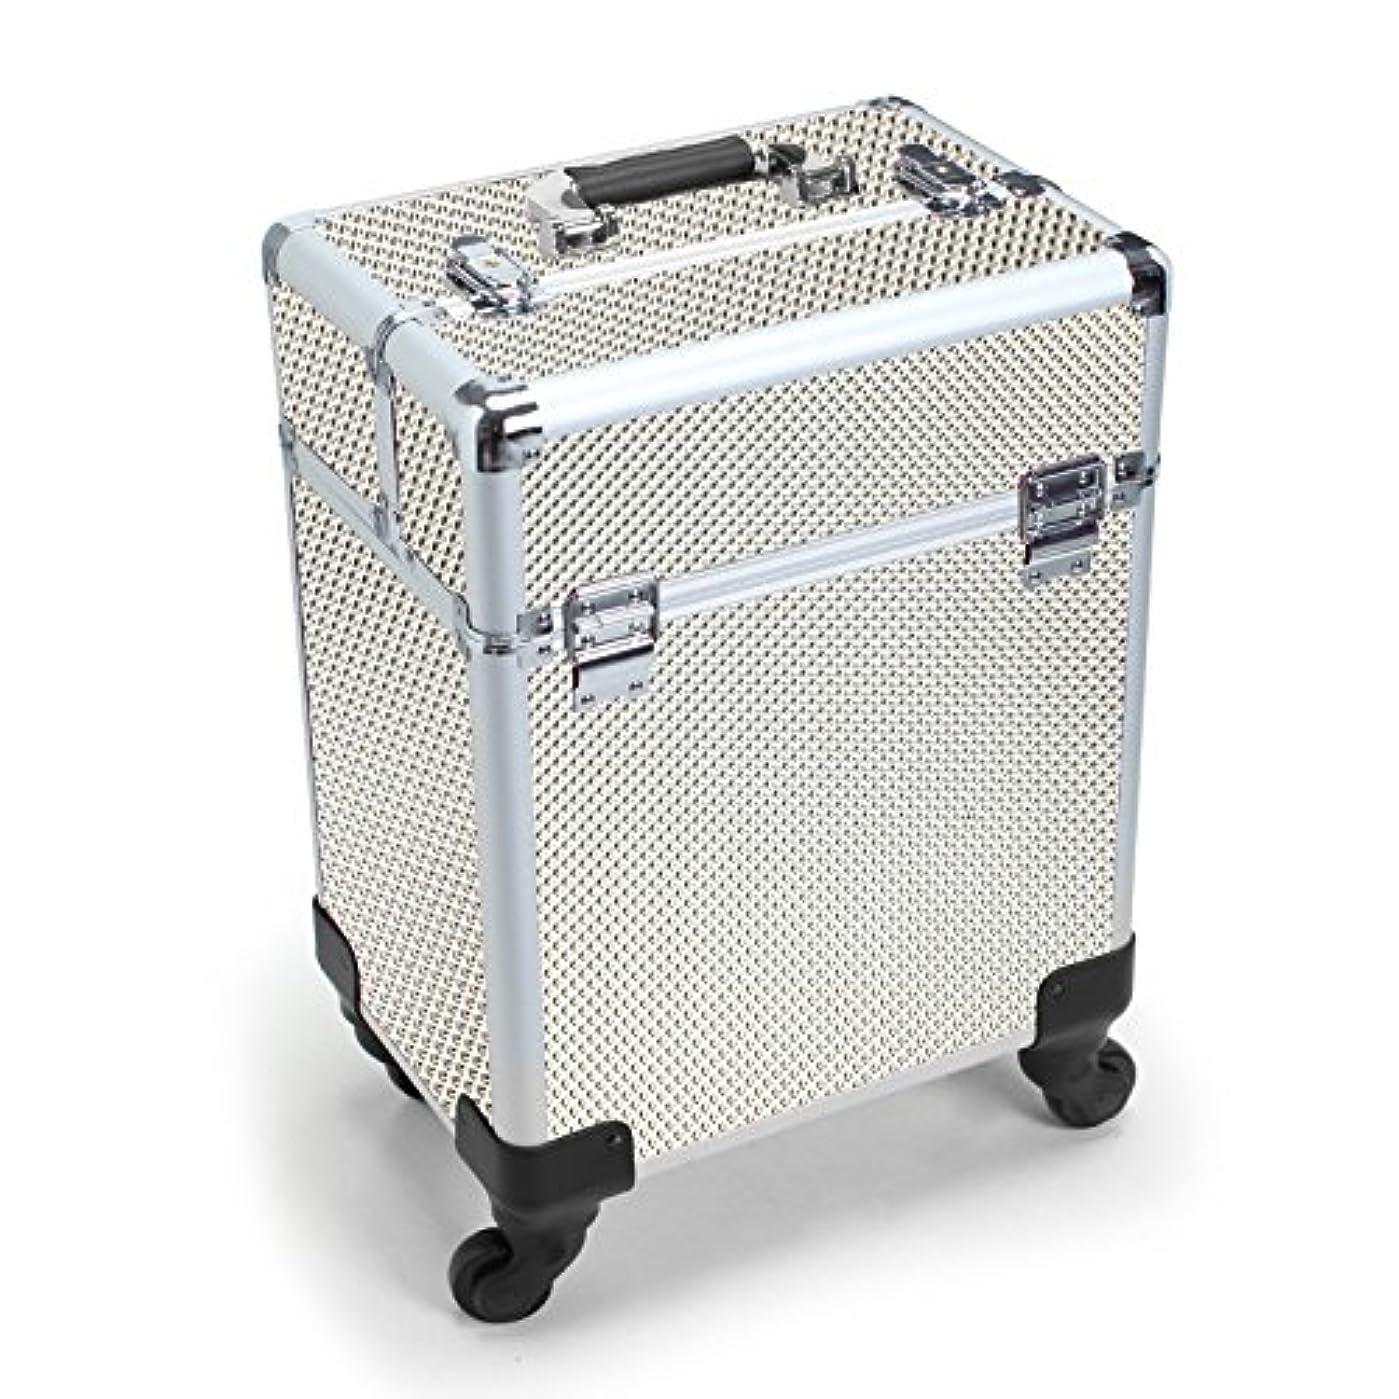 請求書逆説所持MCTECH キャリーケース レバー式 メイクボックス 美容師用 スーツケース型 化粧品 プロ用 薬箱 救急箱 収納 キャスター付き カギ付き 超大型メイクケース ジルバー